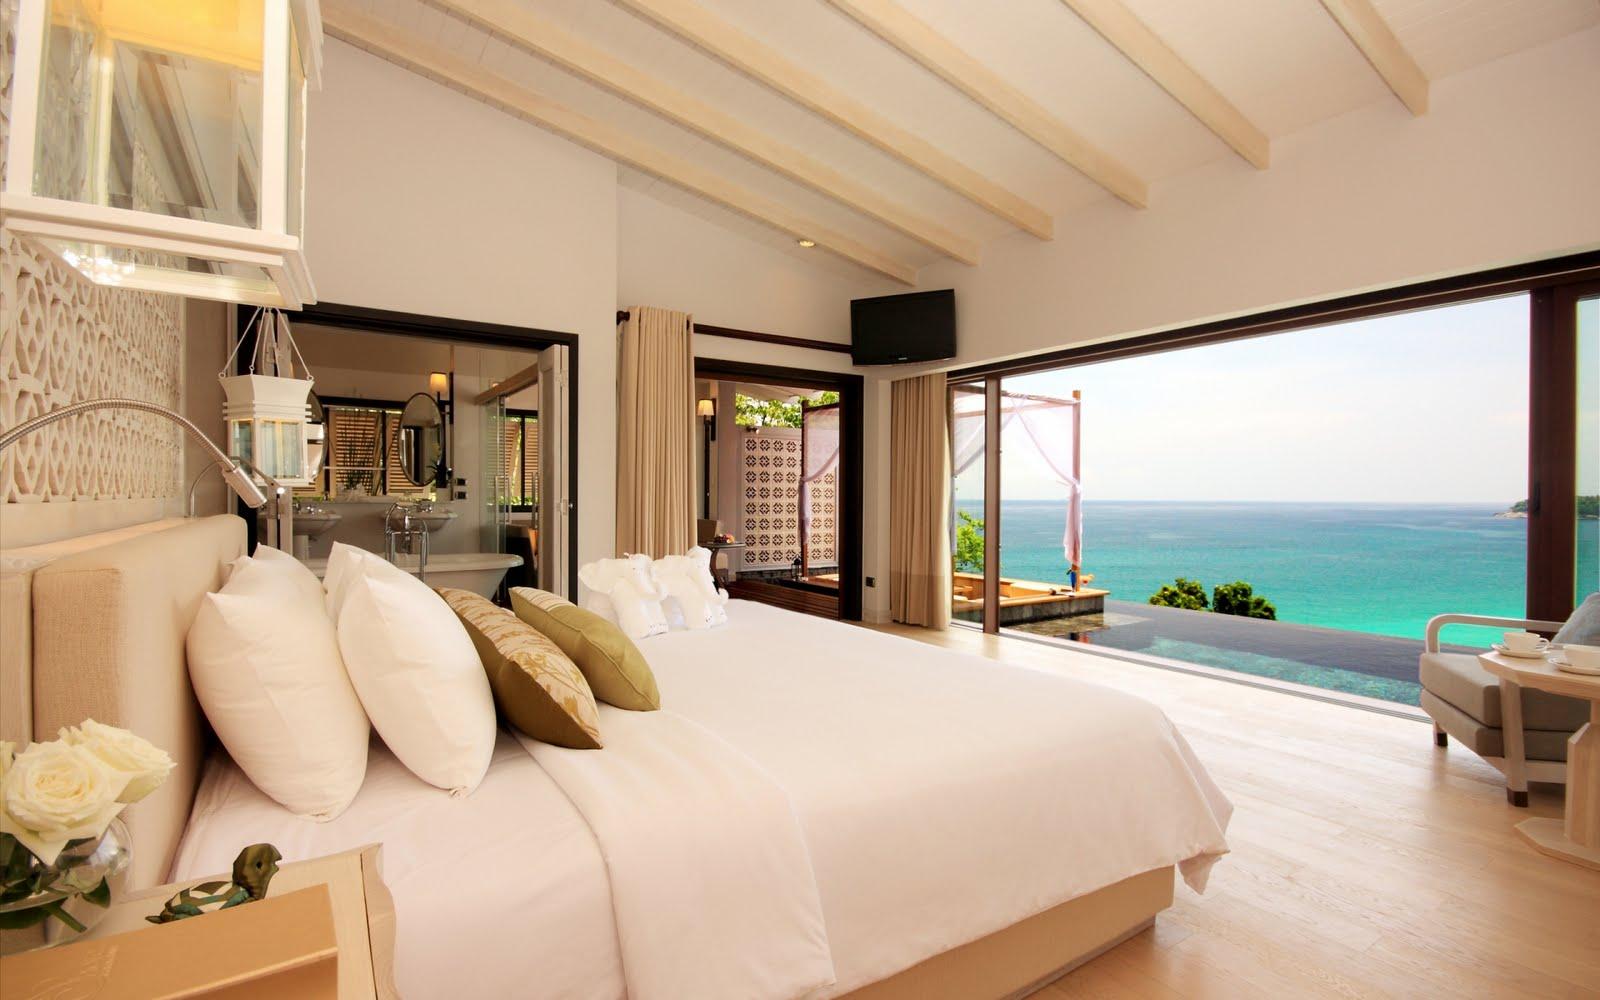 Un nuevo comienzo• Cuarto-de-lujo-en-un-hotel-luxury-hotel-room-4